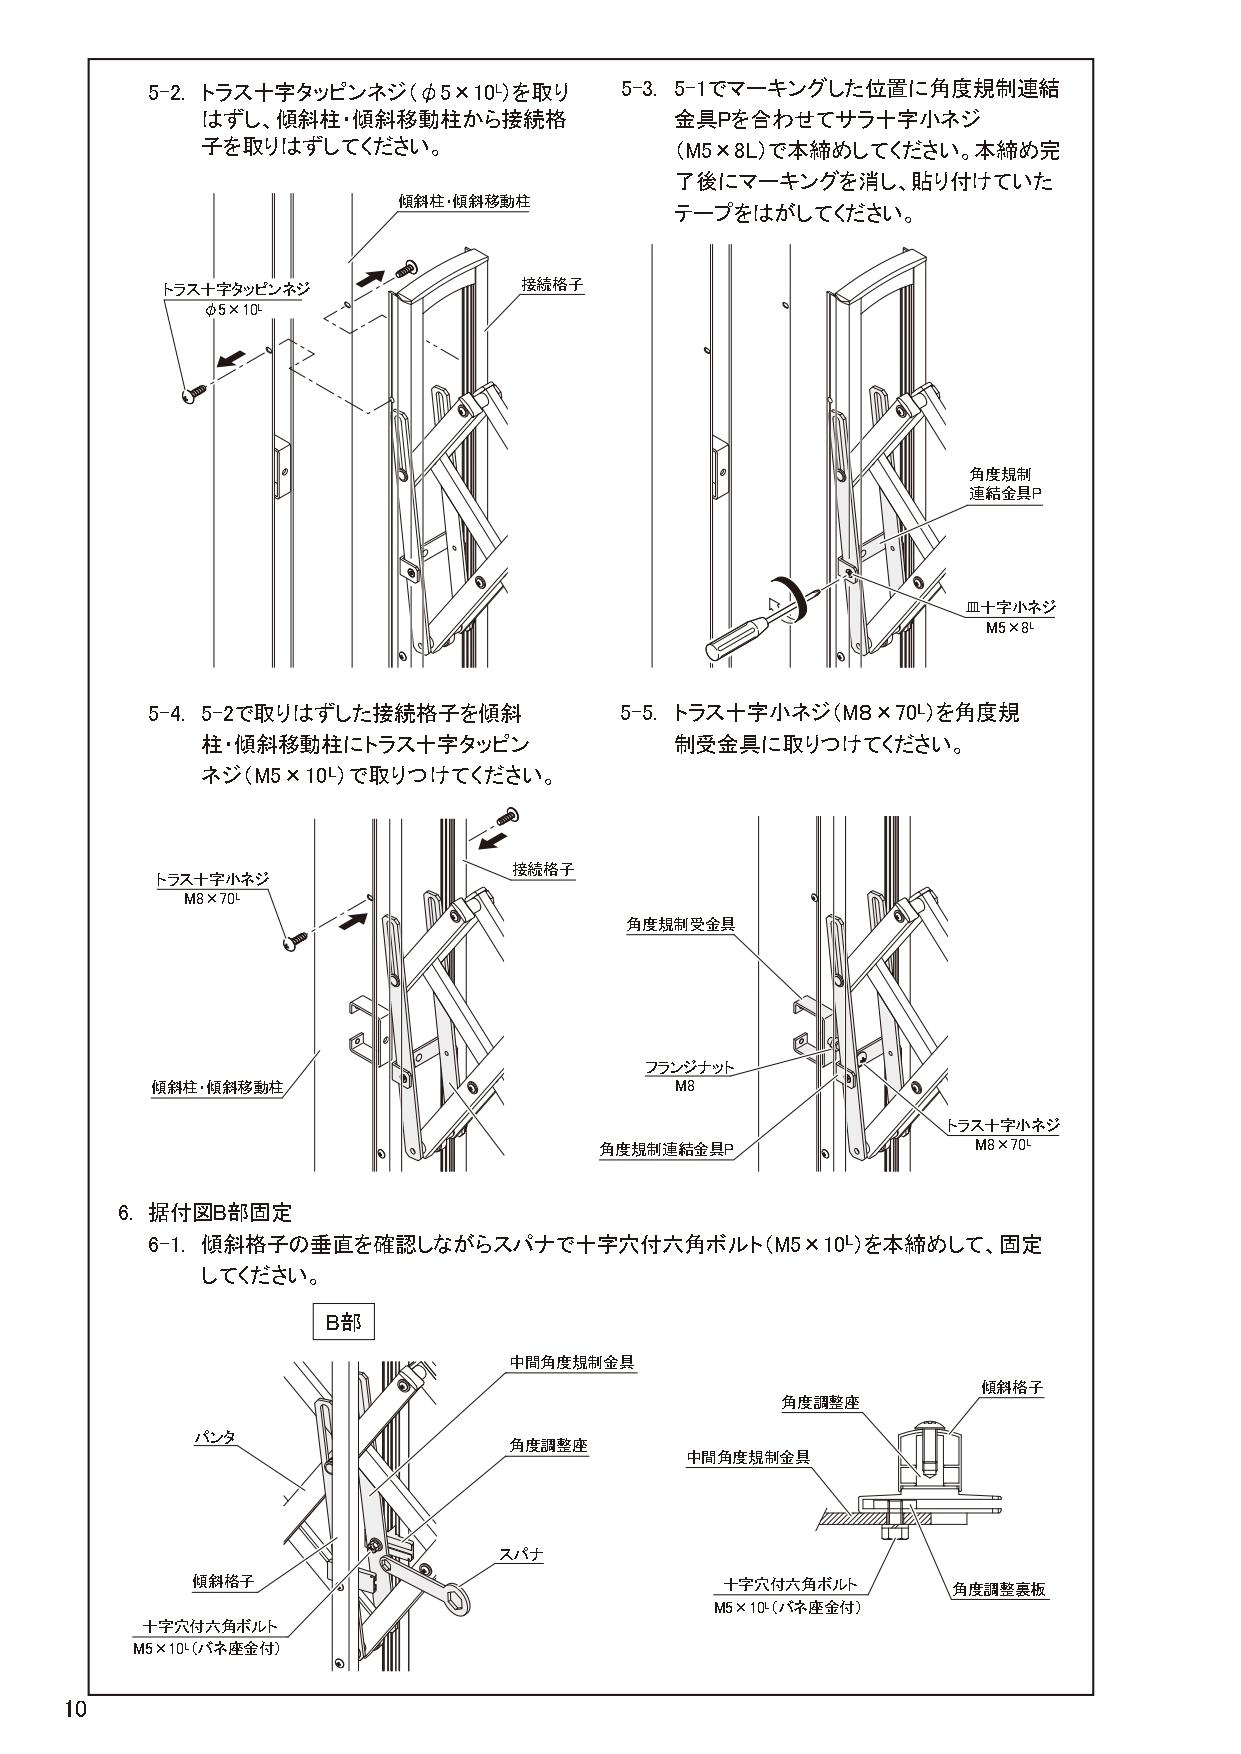 ニューハピネスHG 傾斜・ペットガードタイプ 施工説明書_page-0010